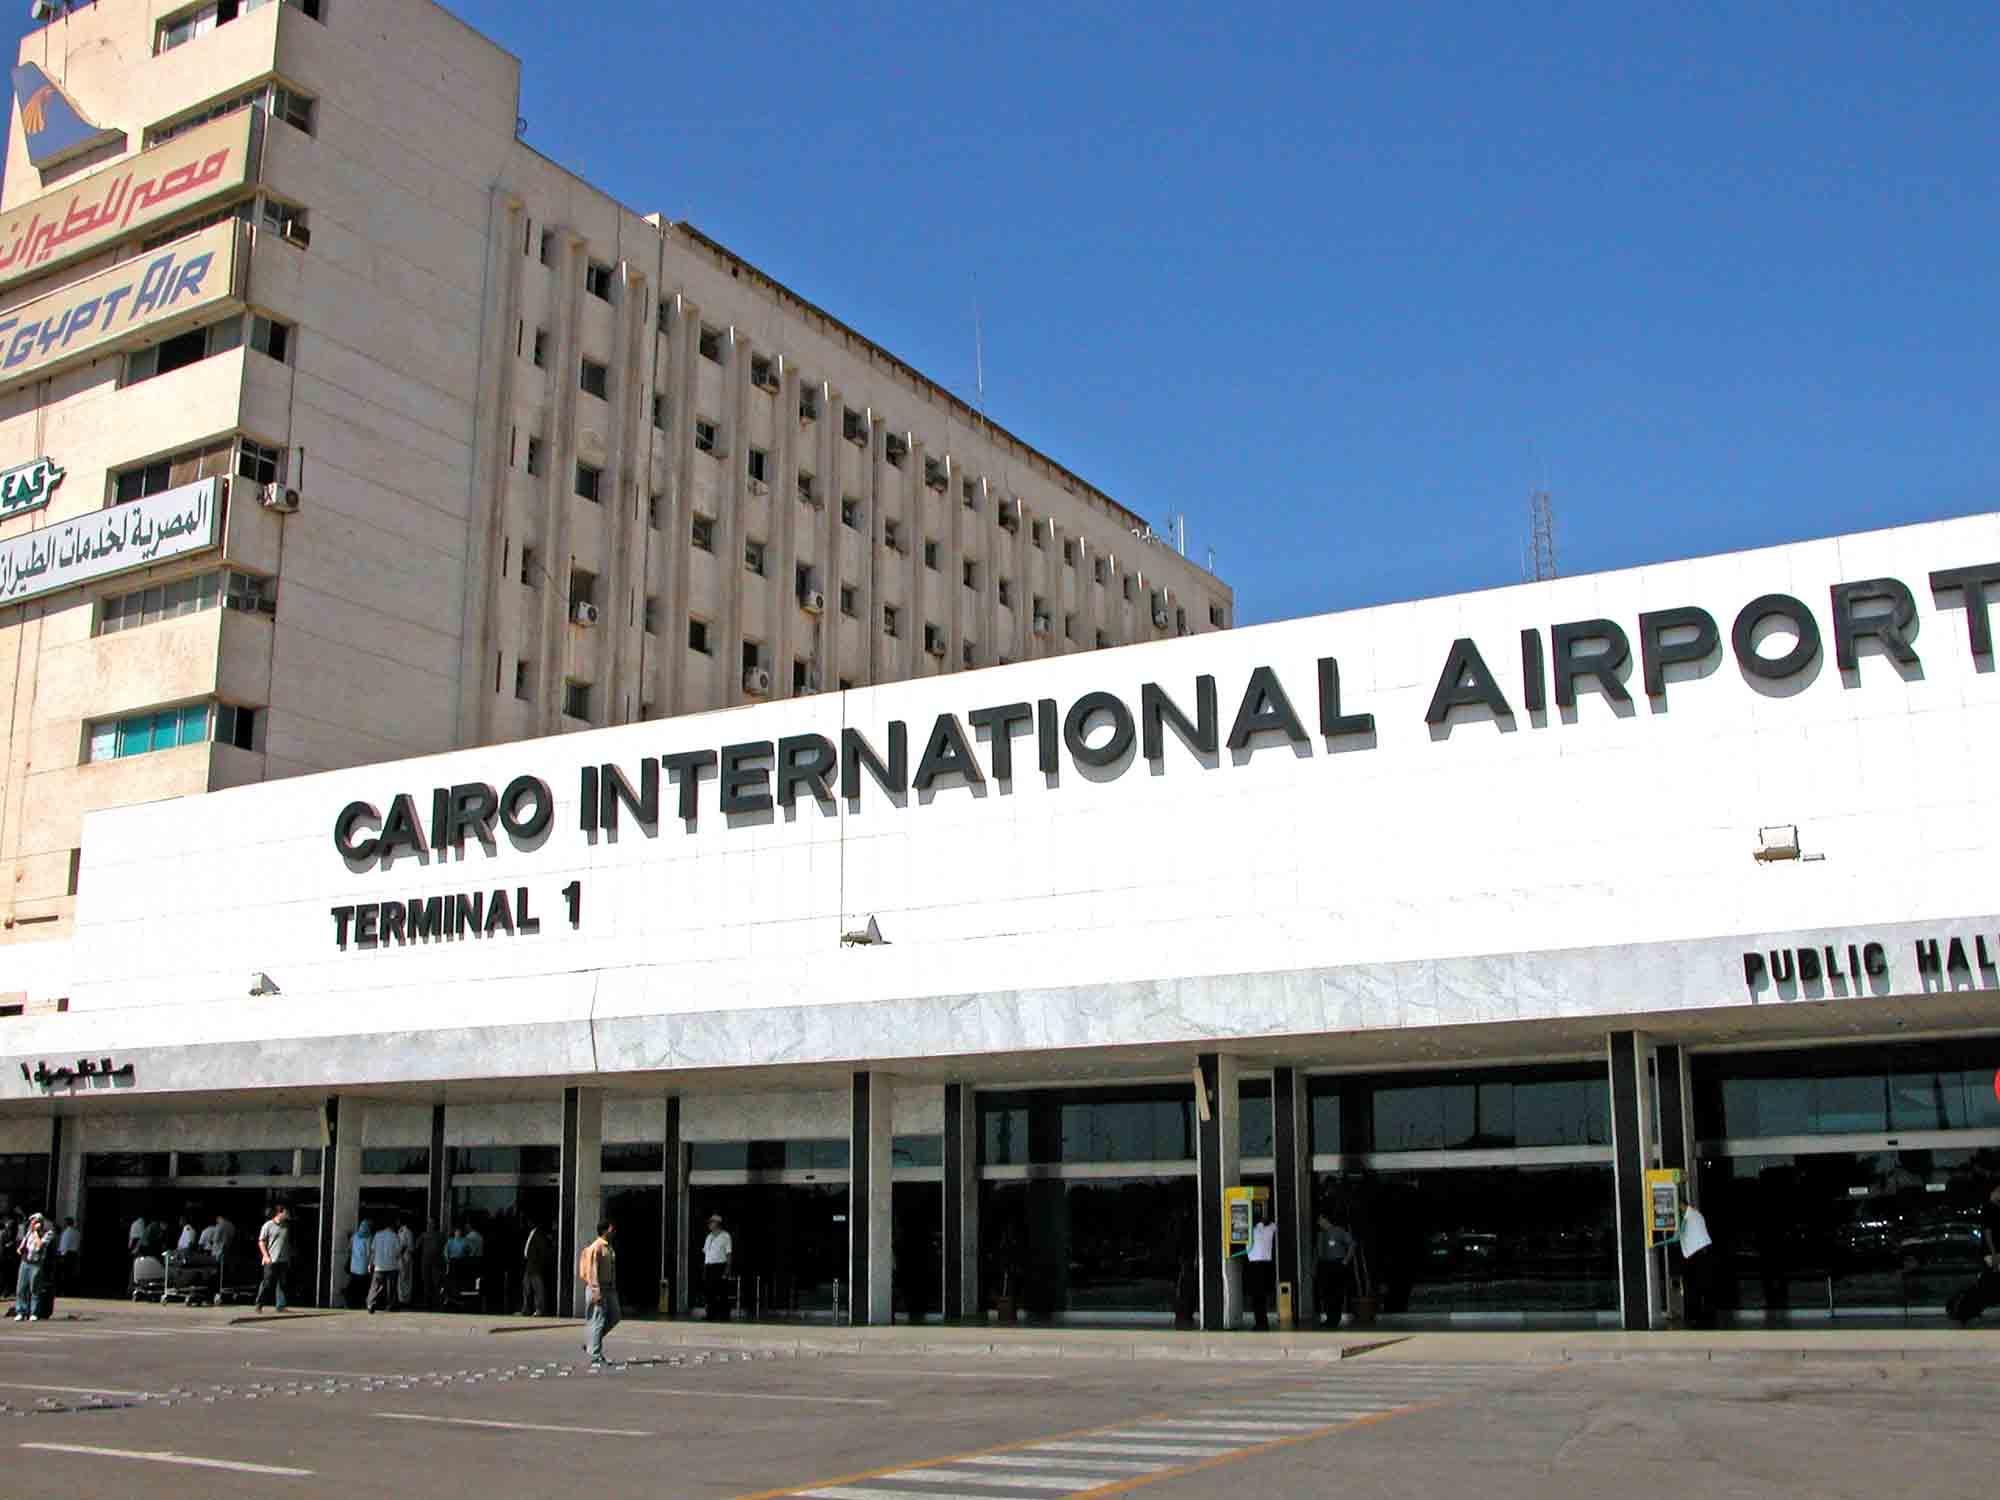 Lado de fora do Aeroporto internacional do Cairo